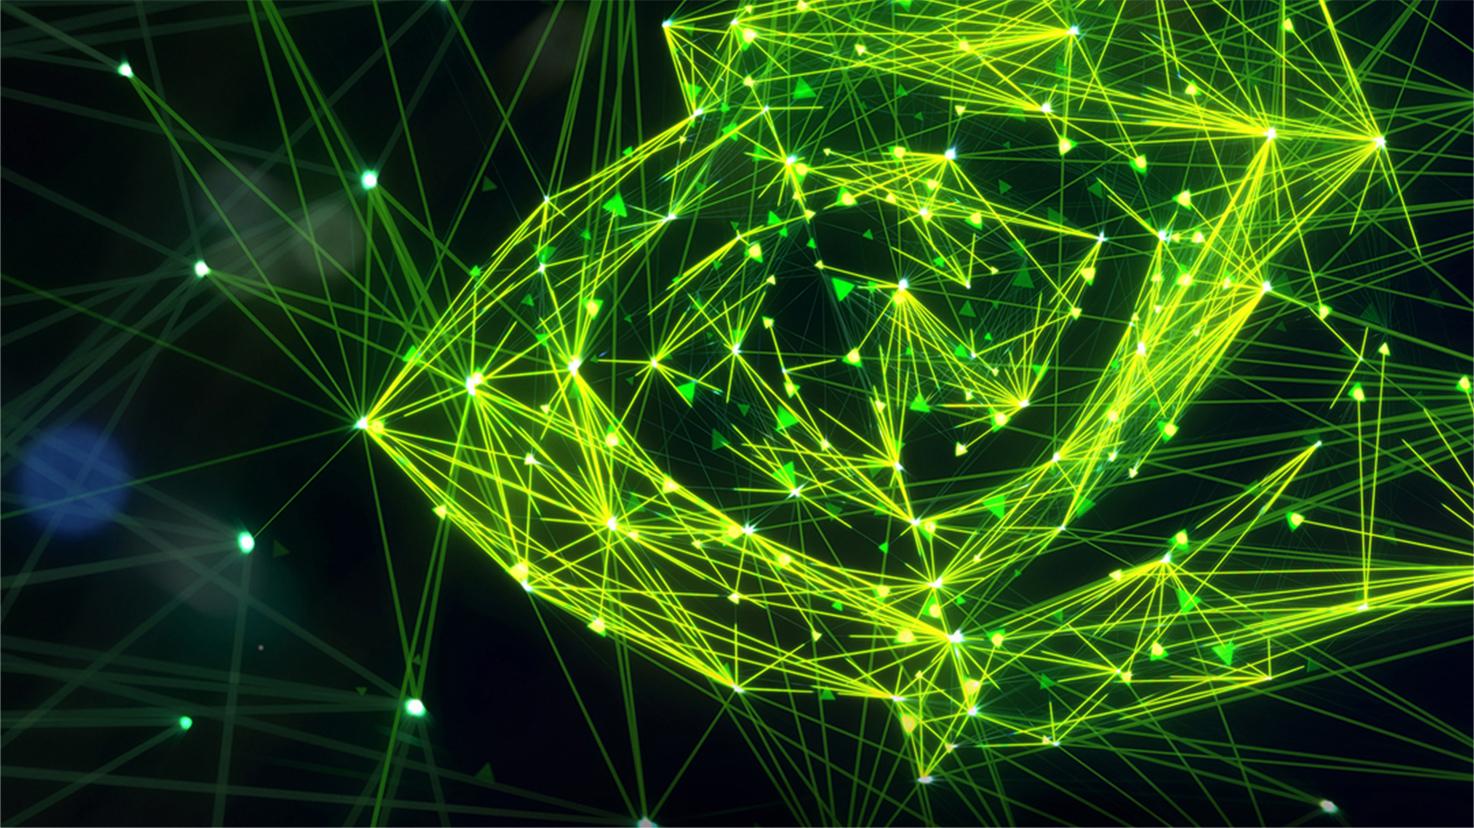 Nvidia dépasse ses prévisions, mais les performances de ses data centers restent inchangées